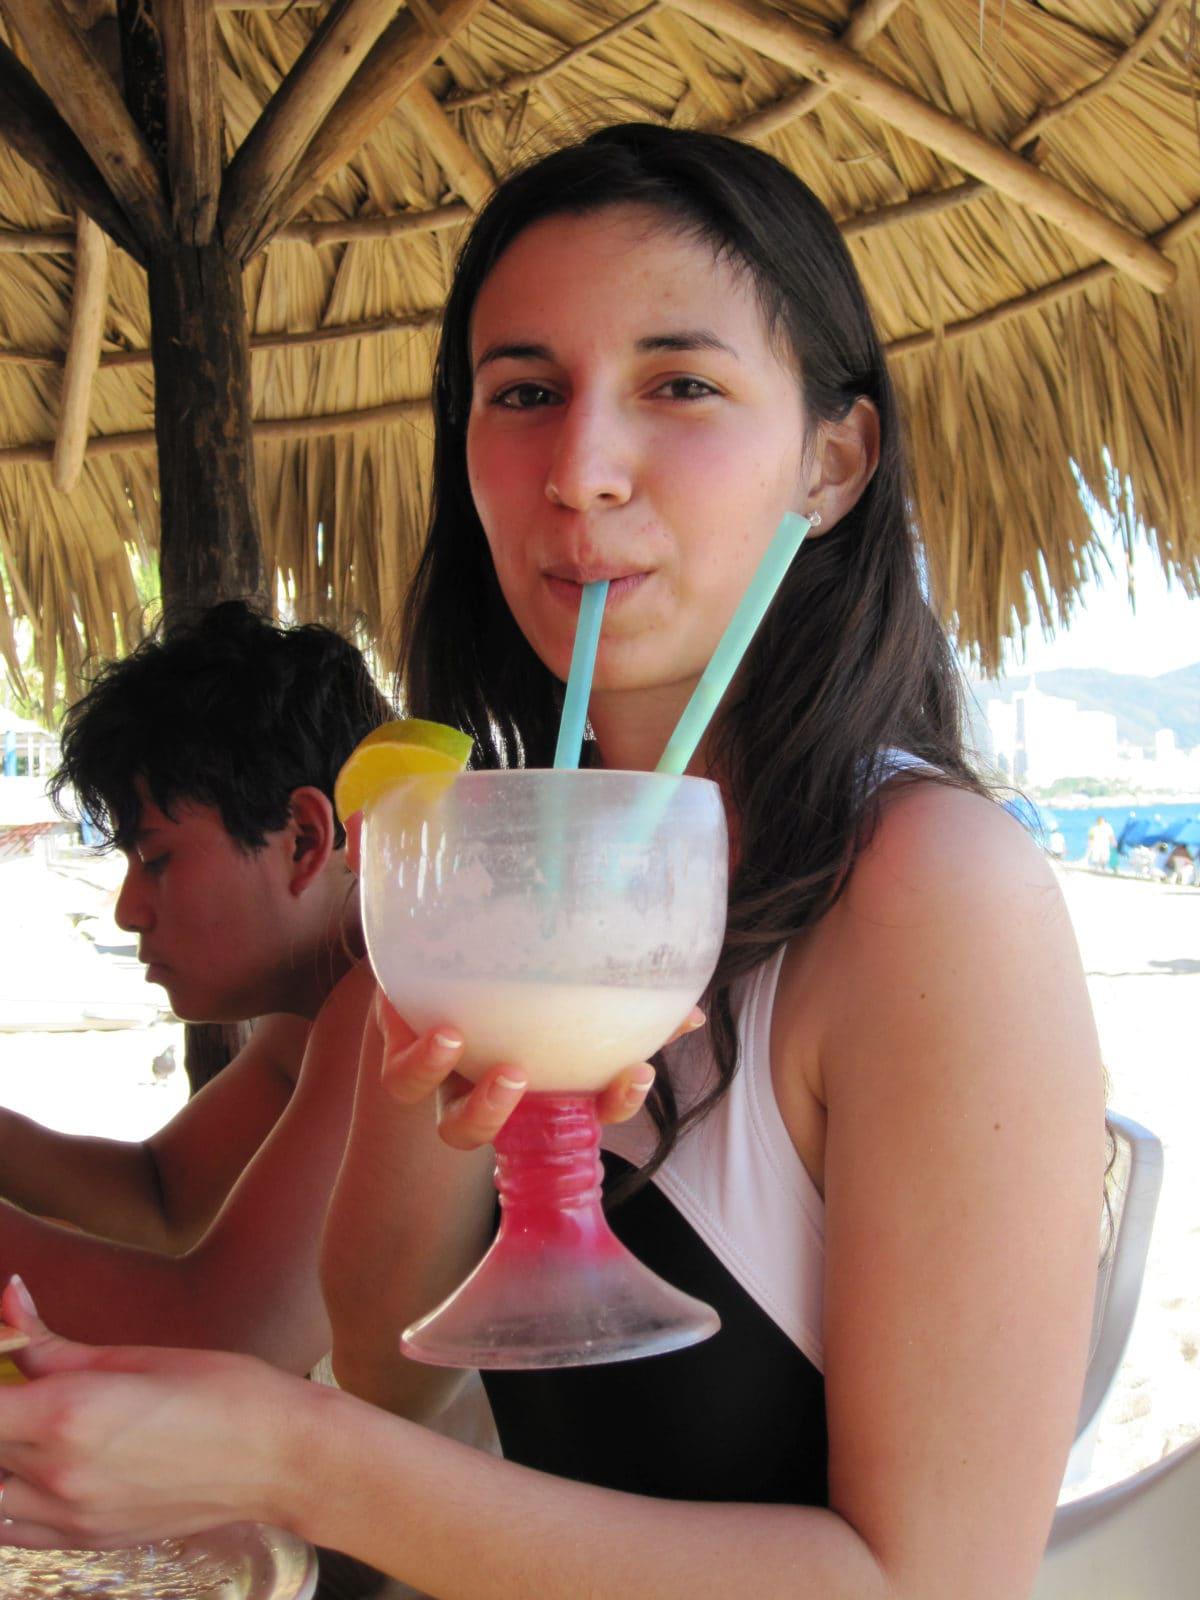 Mariam with piña colada